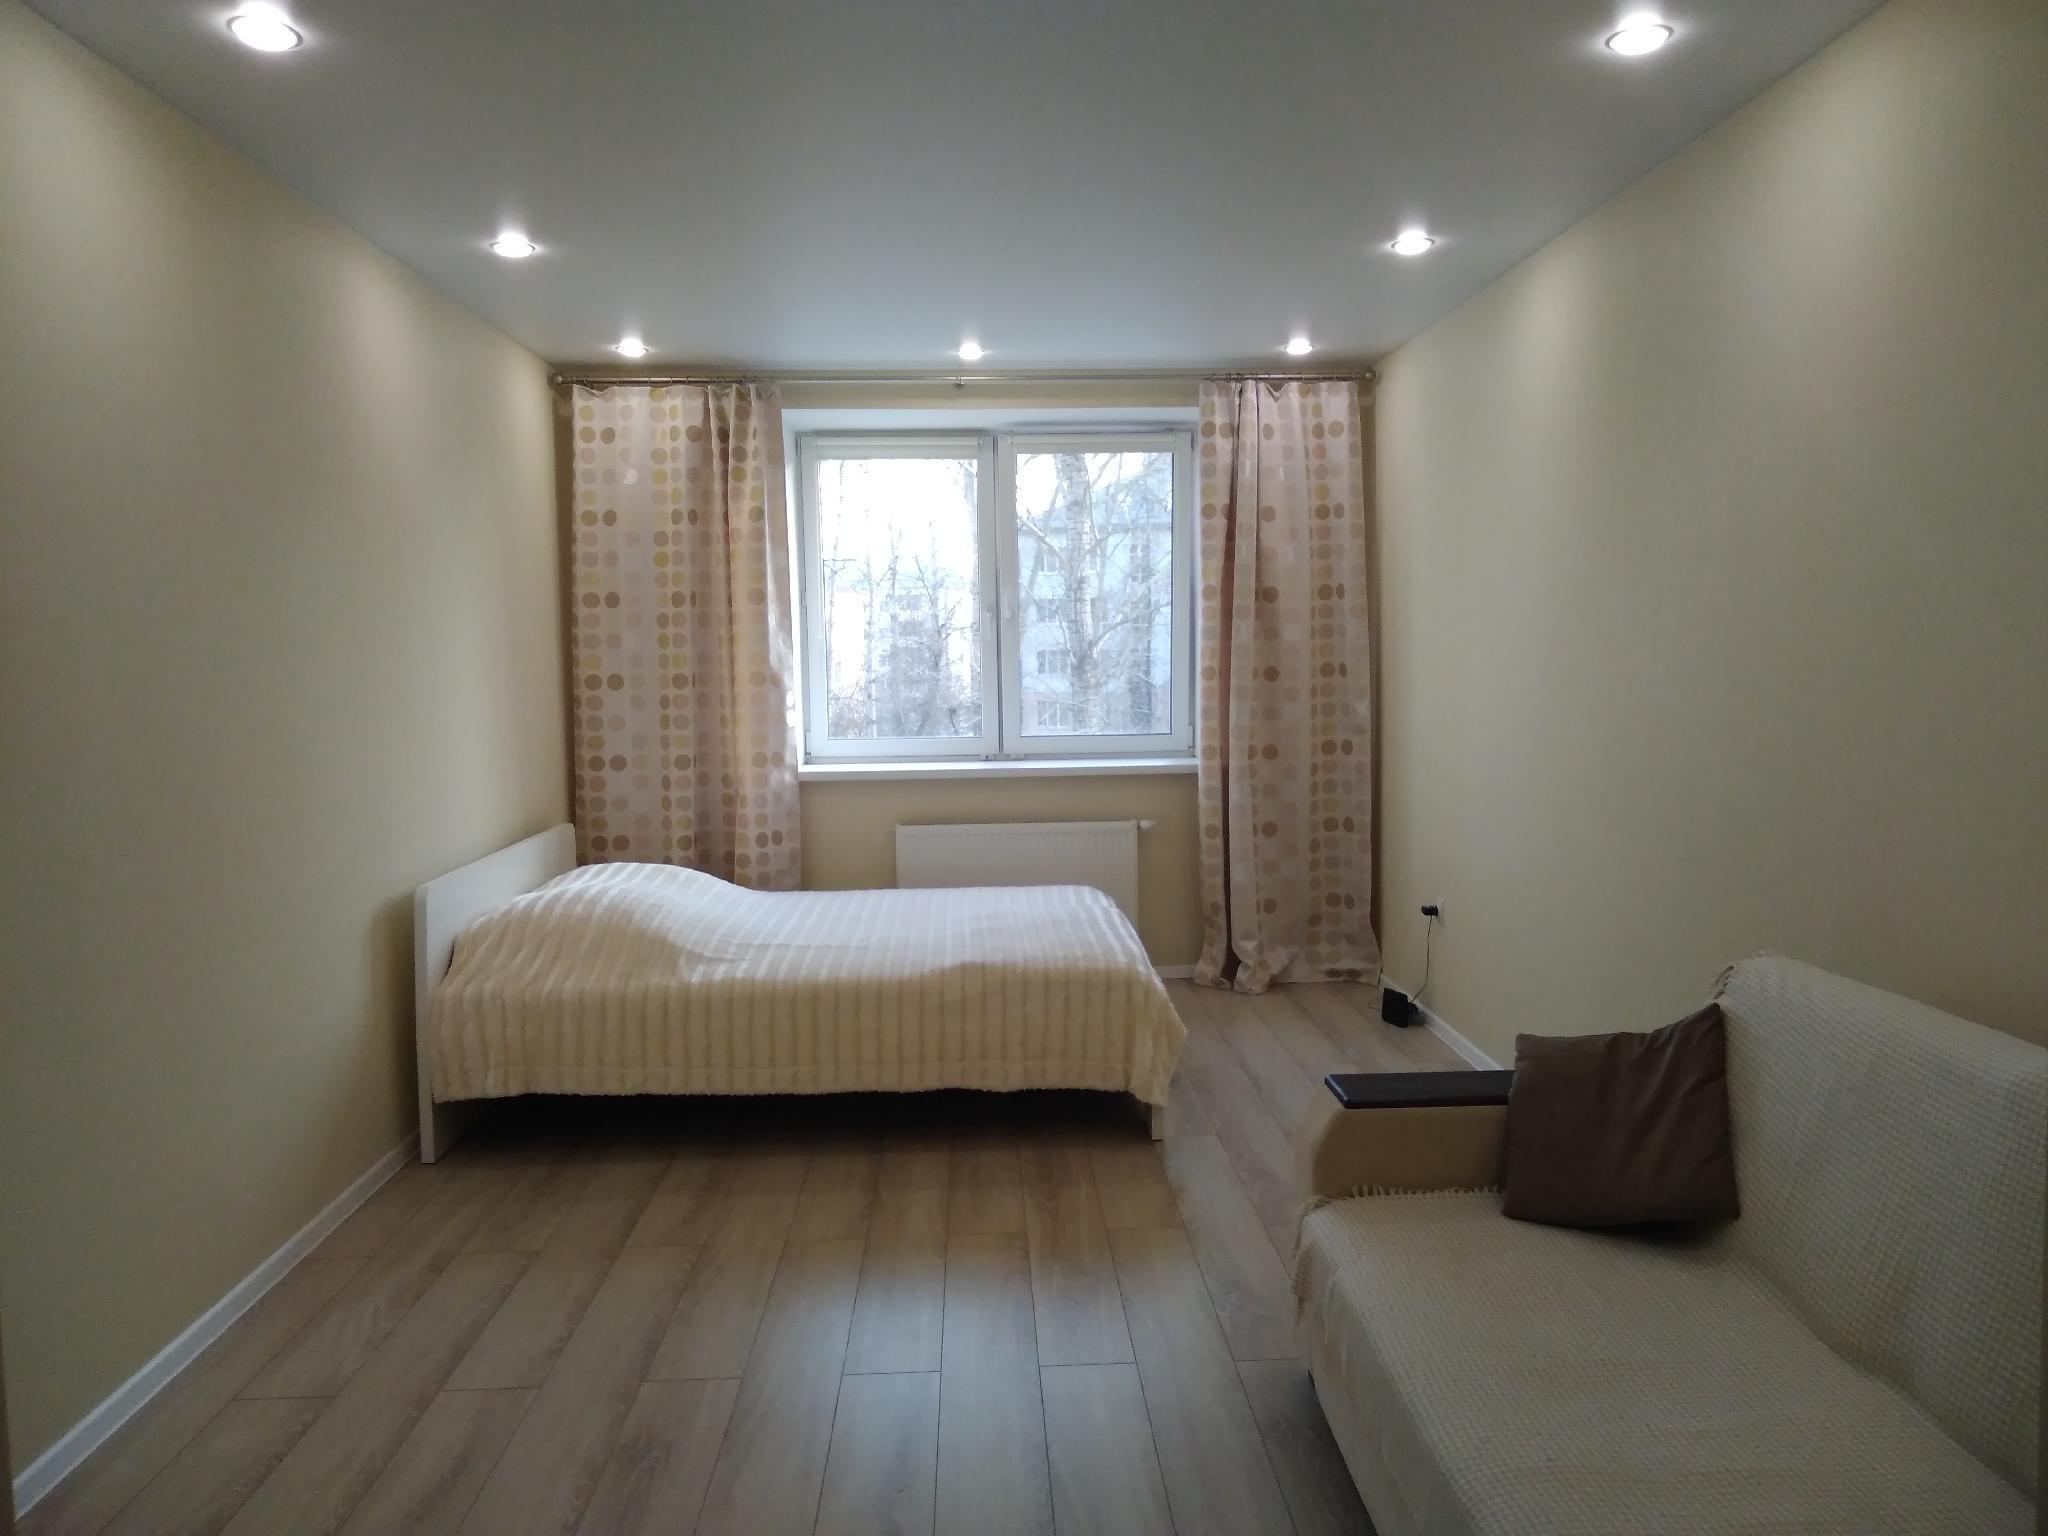 Apartments Pavlyukhina